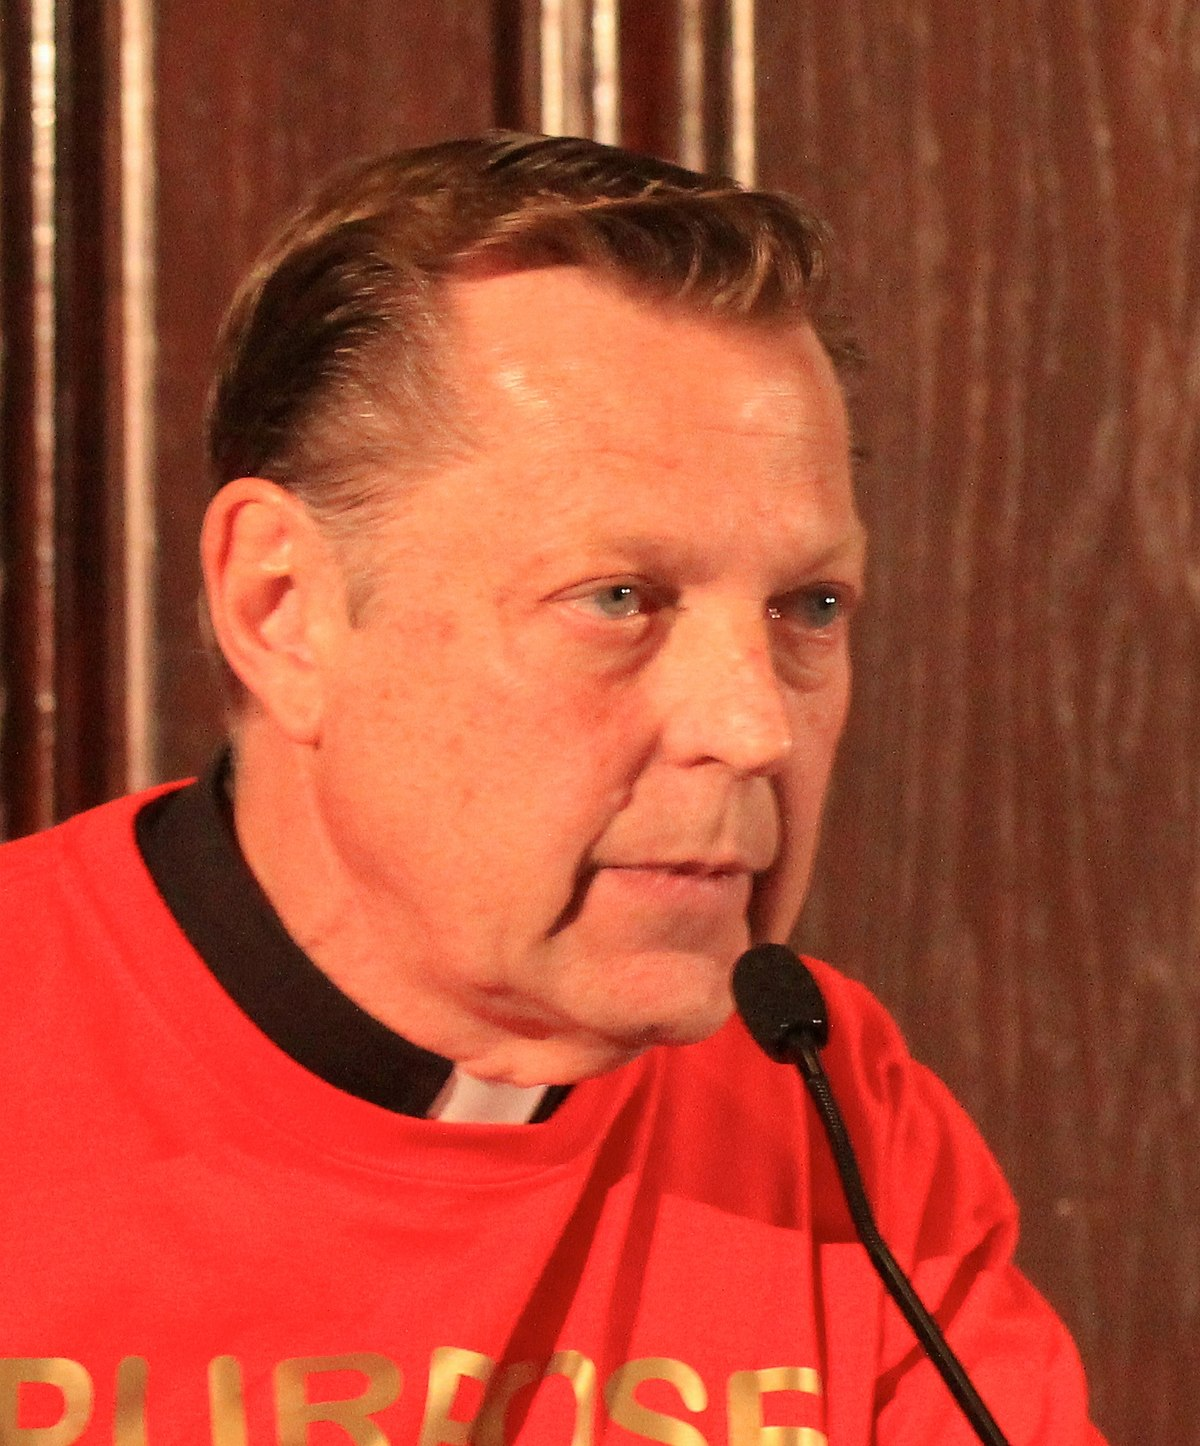 Bishop kicanas homosexual relationship